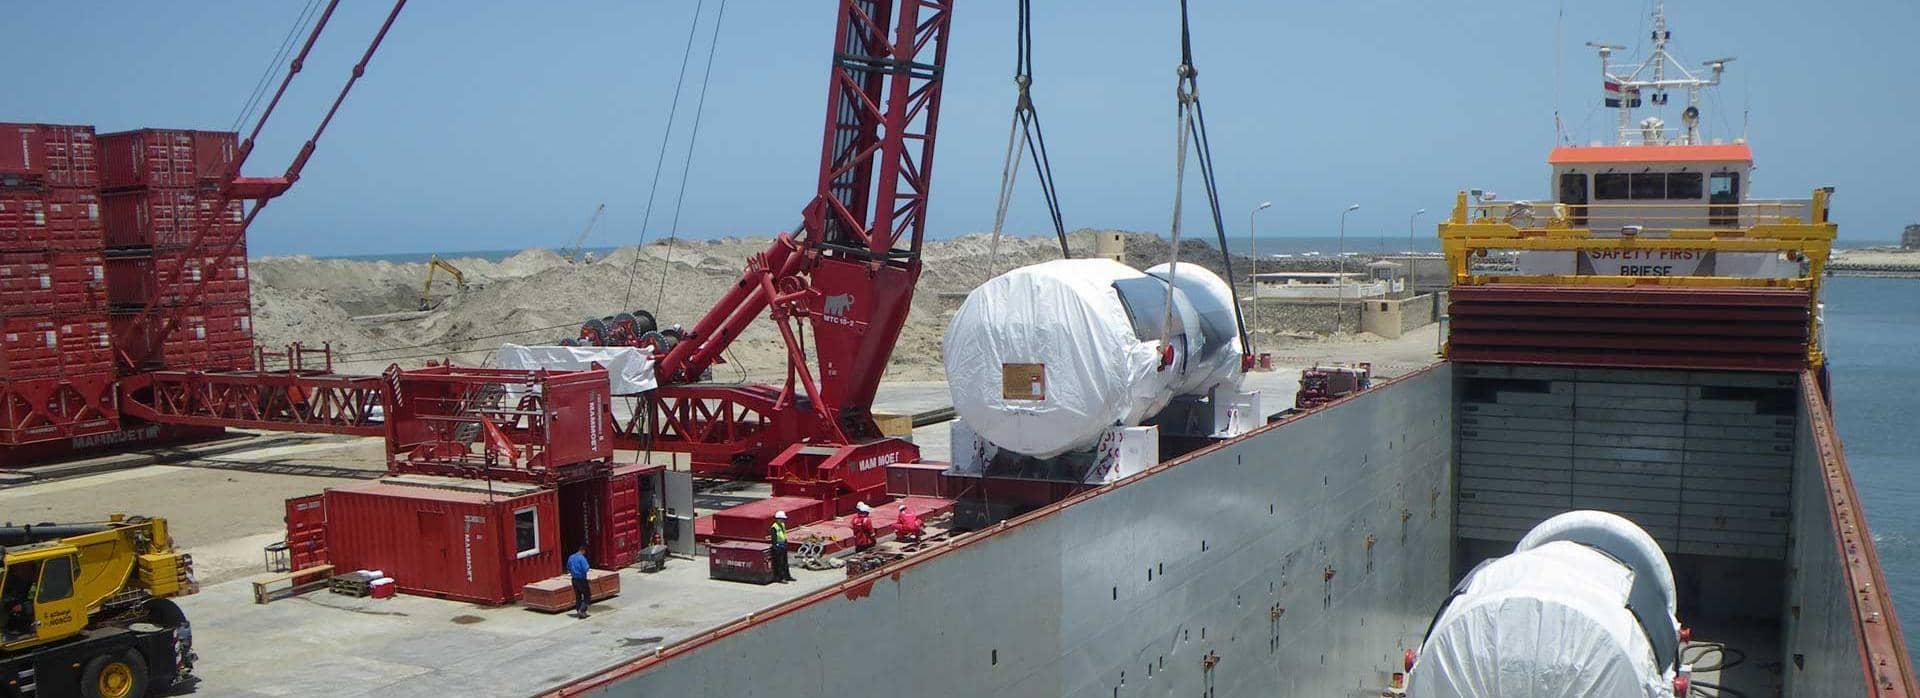 一台 600 吨位的起重机在布如勒斯市卸载涡轮机